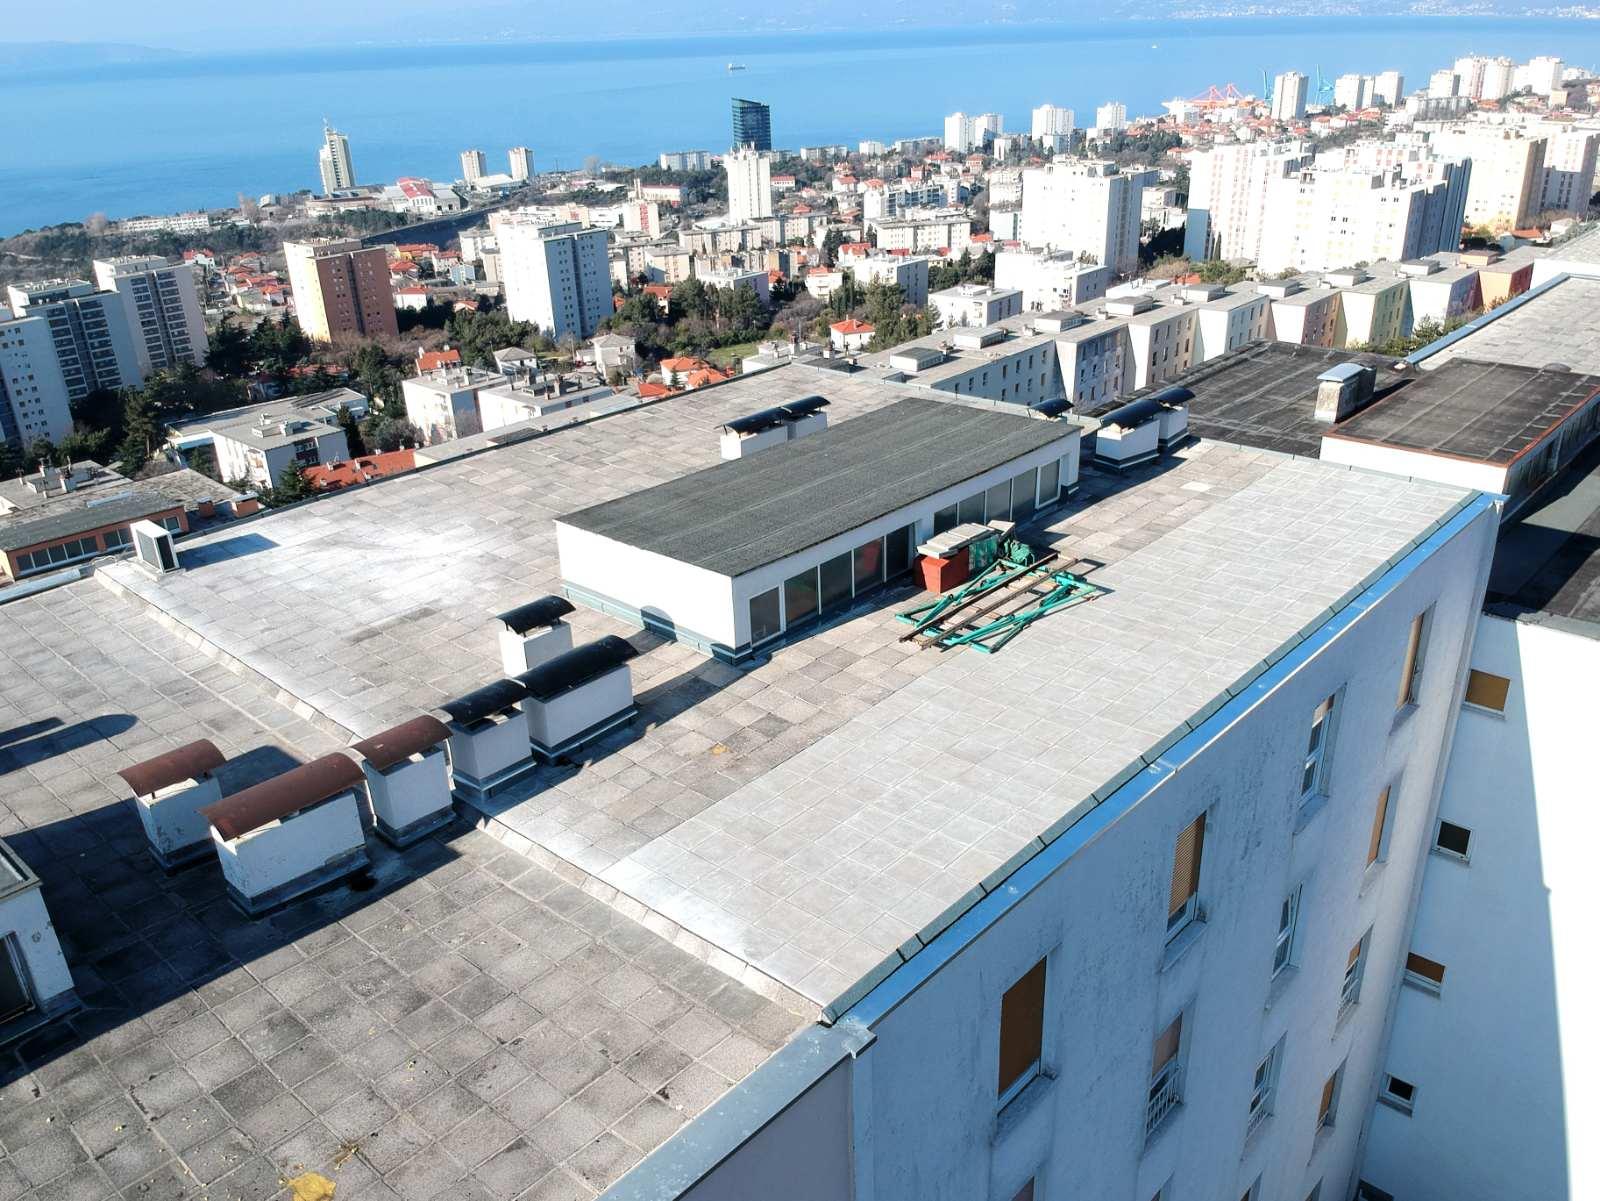 Završena je obnova ravnog krova na adresi Ratka Petrovića 35 u Rijeci (stambeni niz D-4, Gornja Vežica)